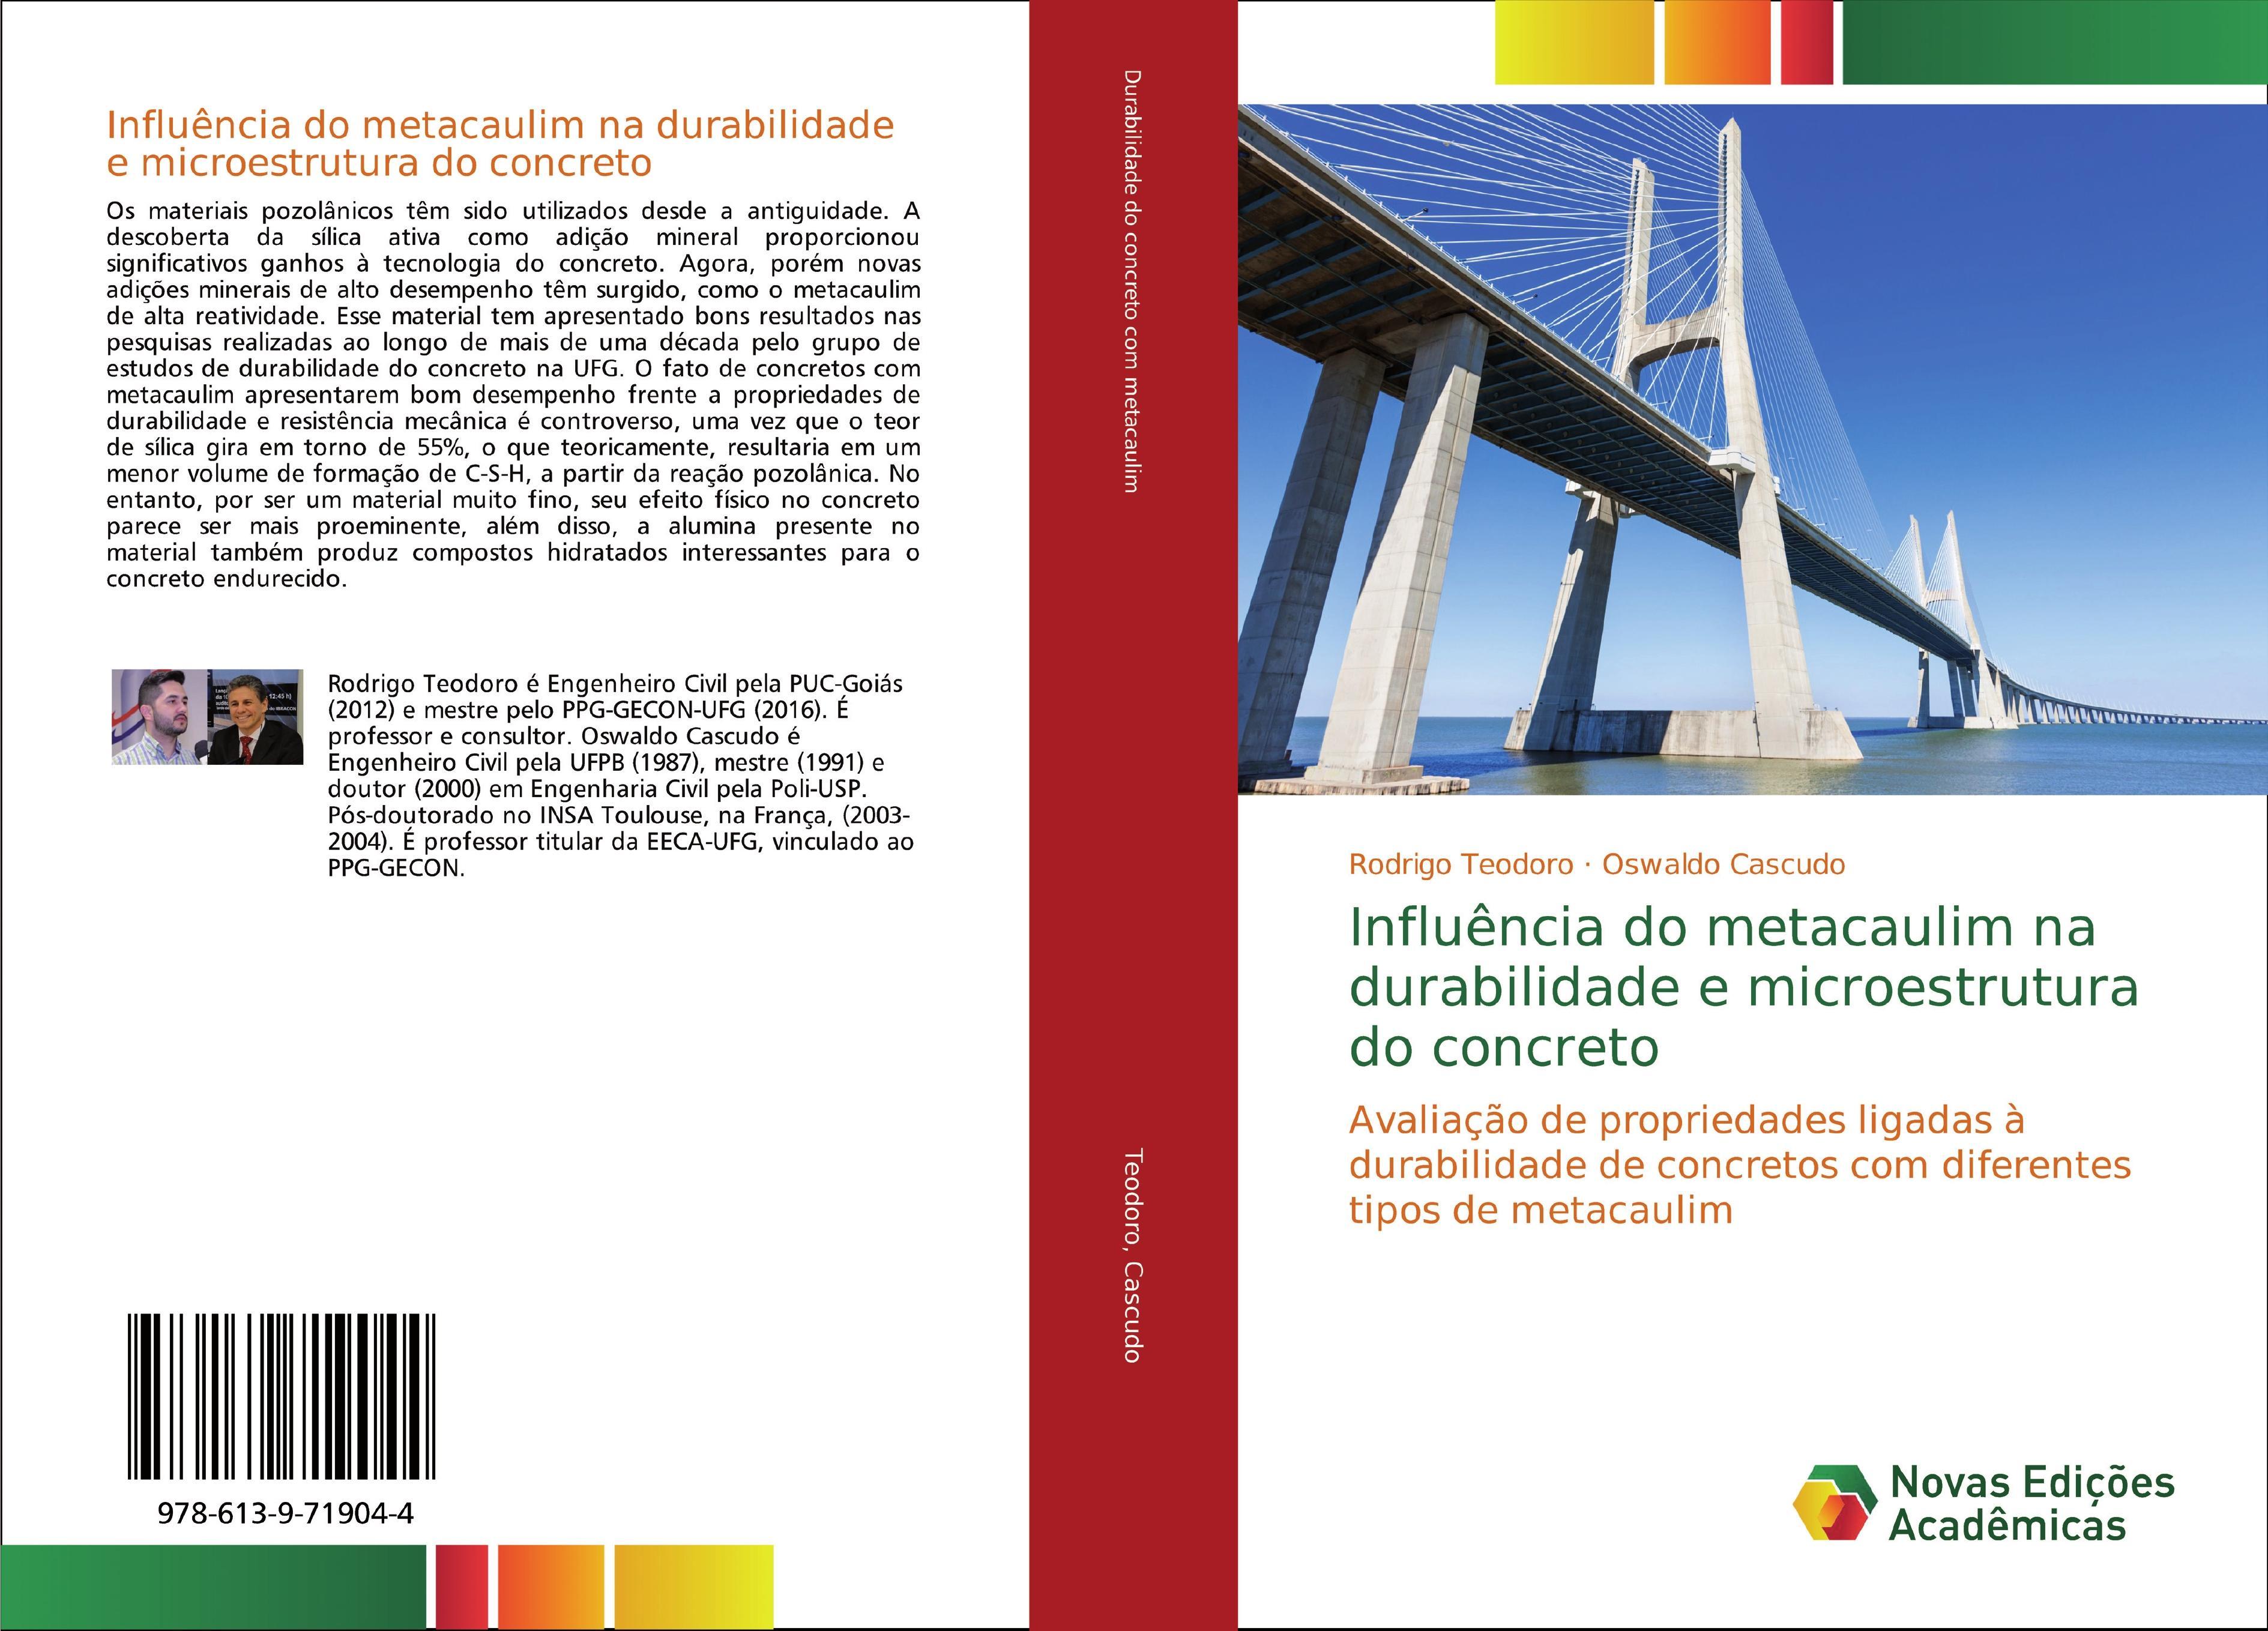 Influência do metacaulim na durabilidade e microestrutura do concreto  Rodrigo Teodoro (u. a.)  Taschenbuch  Portugiesisch  2018 - Teodoro, Rodrigo